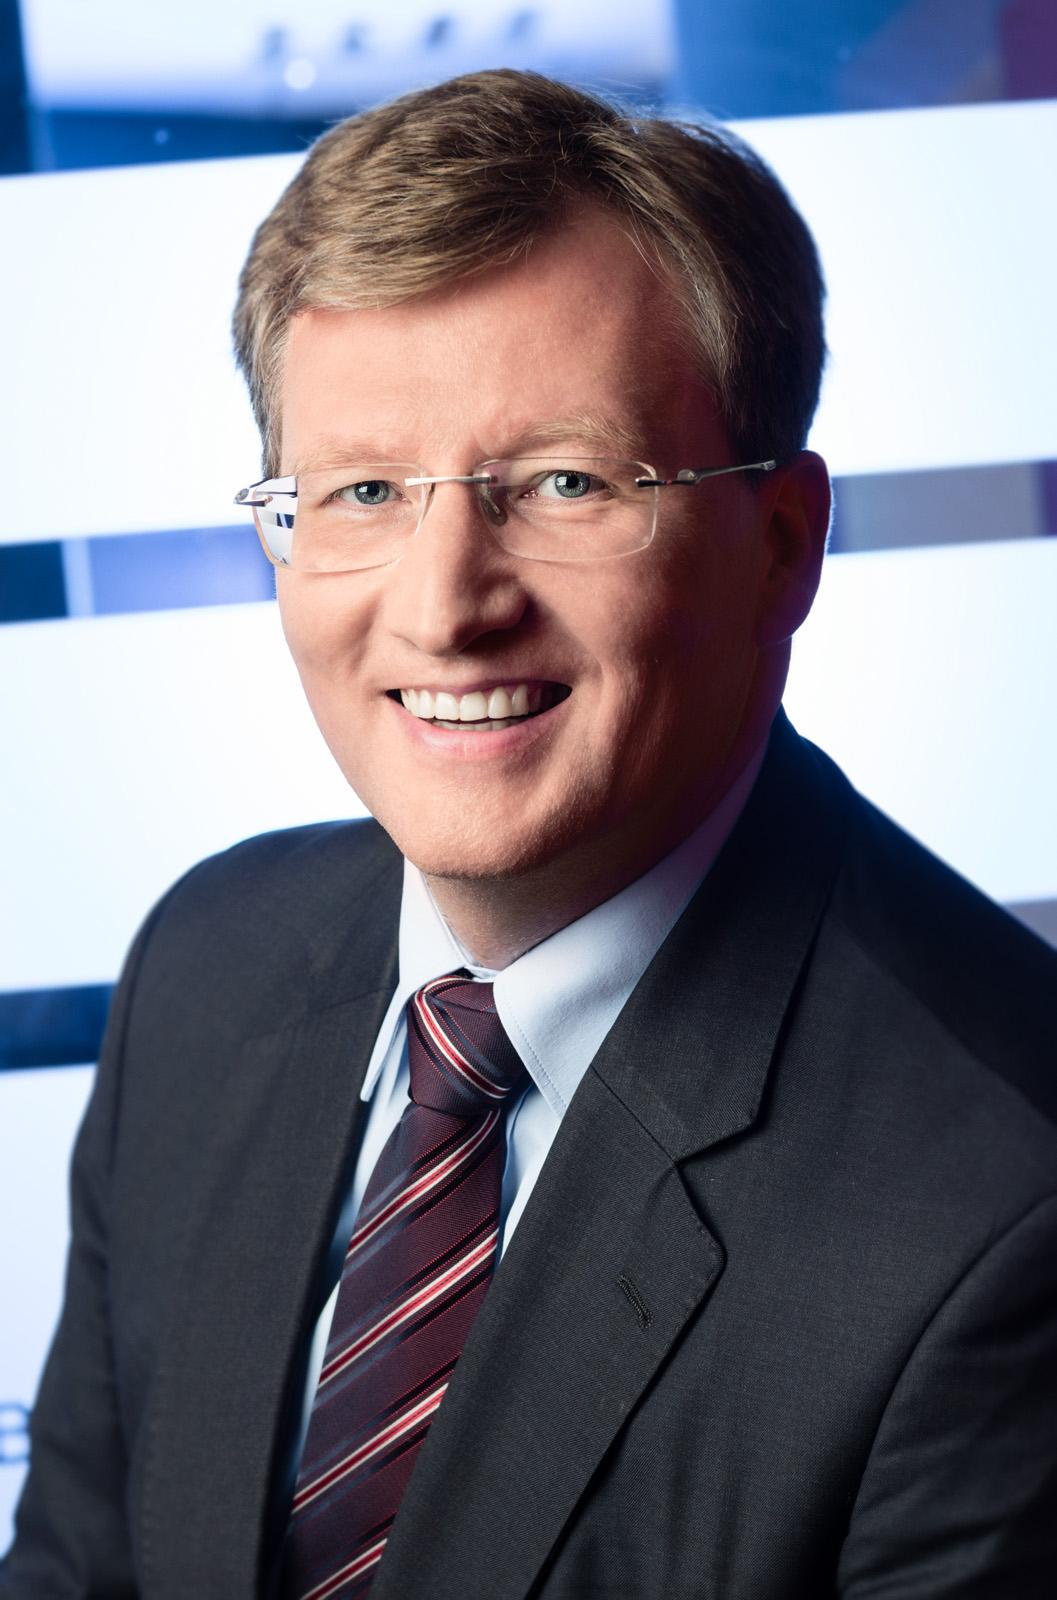 Jörn Brockhuis